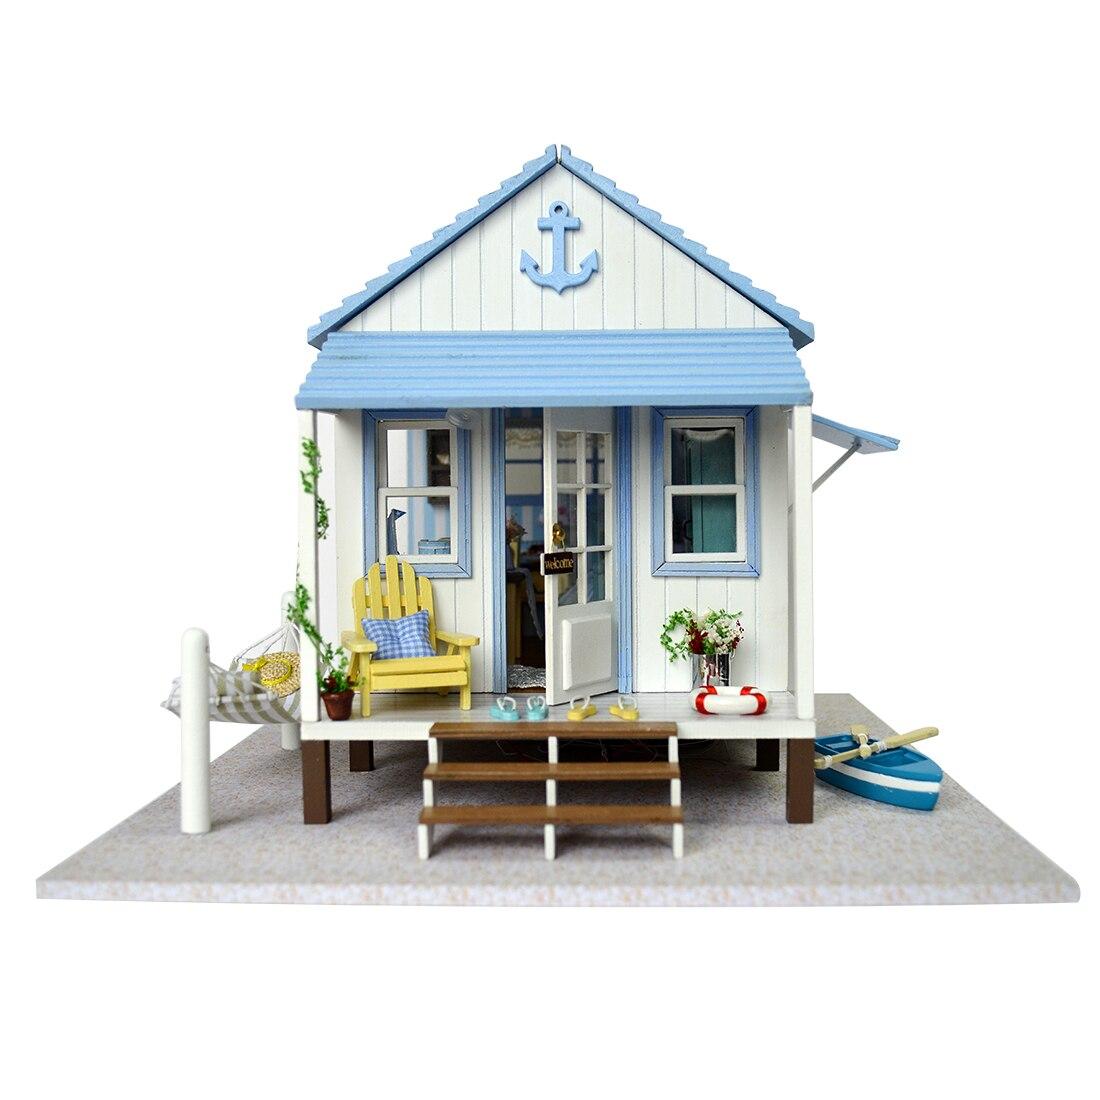 Bricolage Happy Coast mer maison de poupée Miniature en bois maison de poupée avec meubles maison bleue jouets pour enfants cadeau d'anniversaire